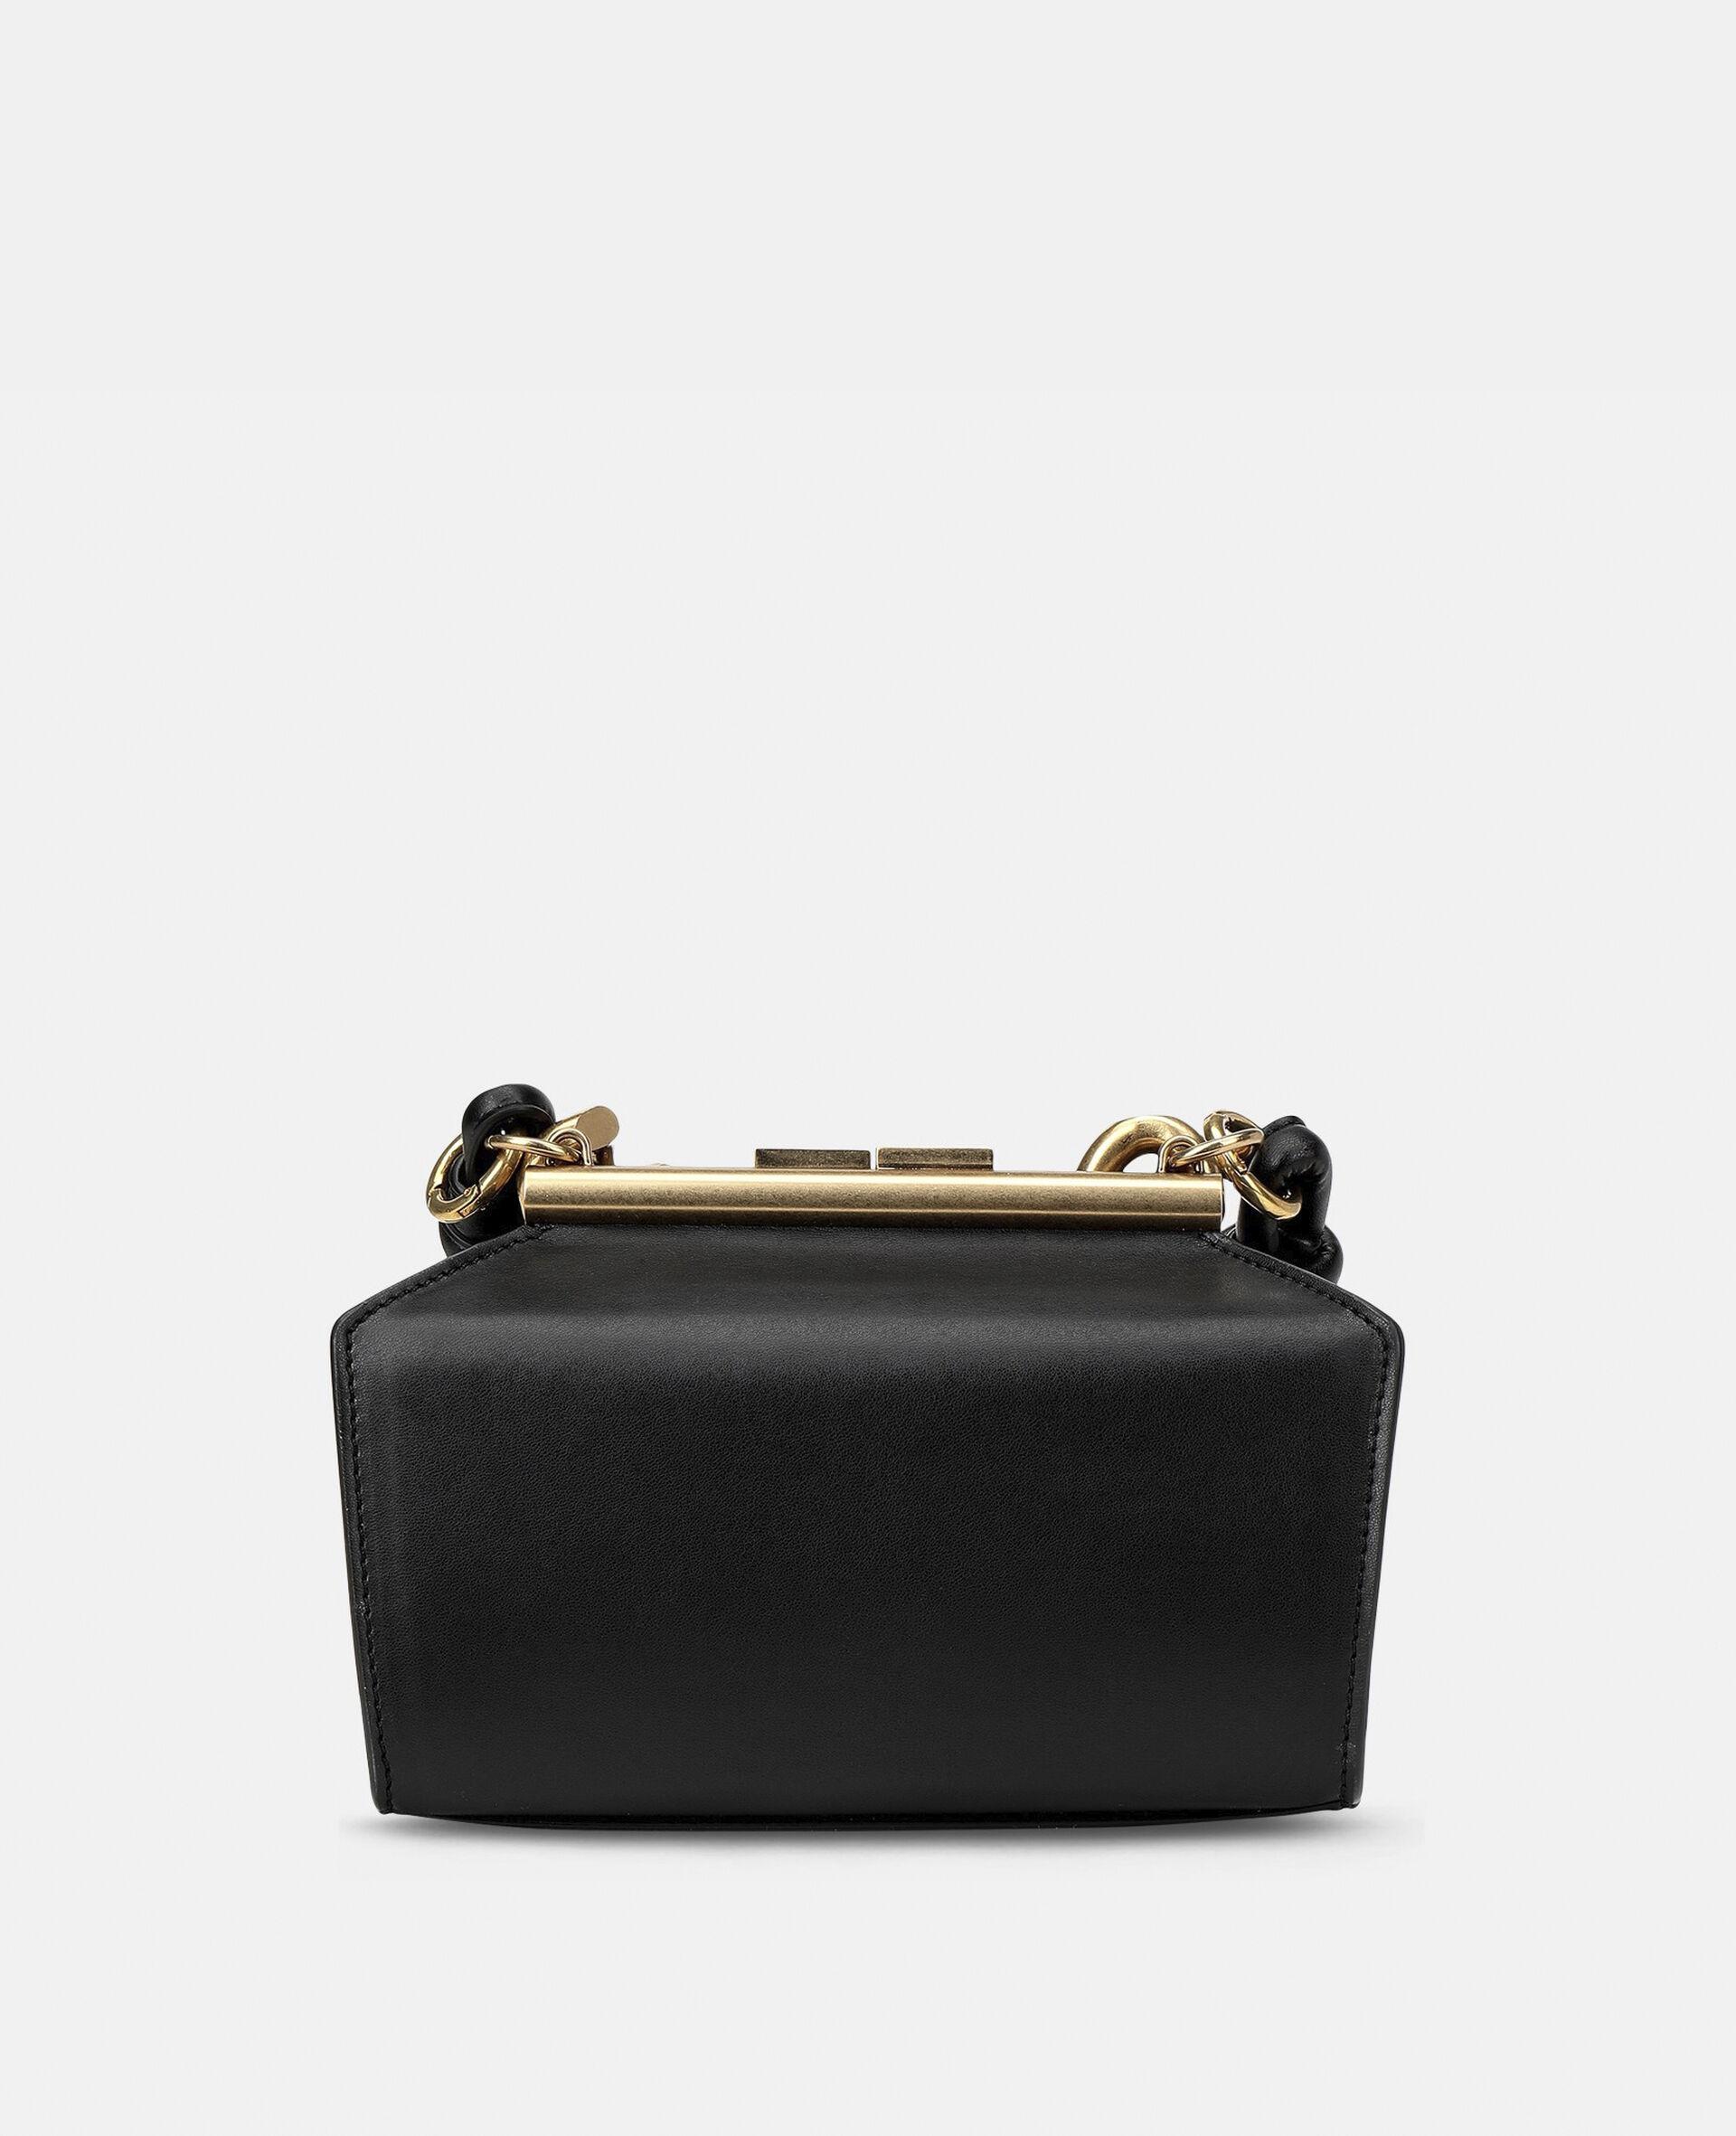 Petit sac avec bandoulière chaîne épaisse-Noir-large image number 2